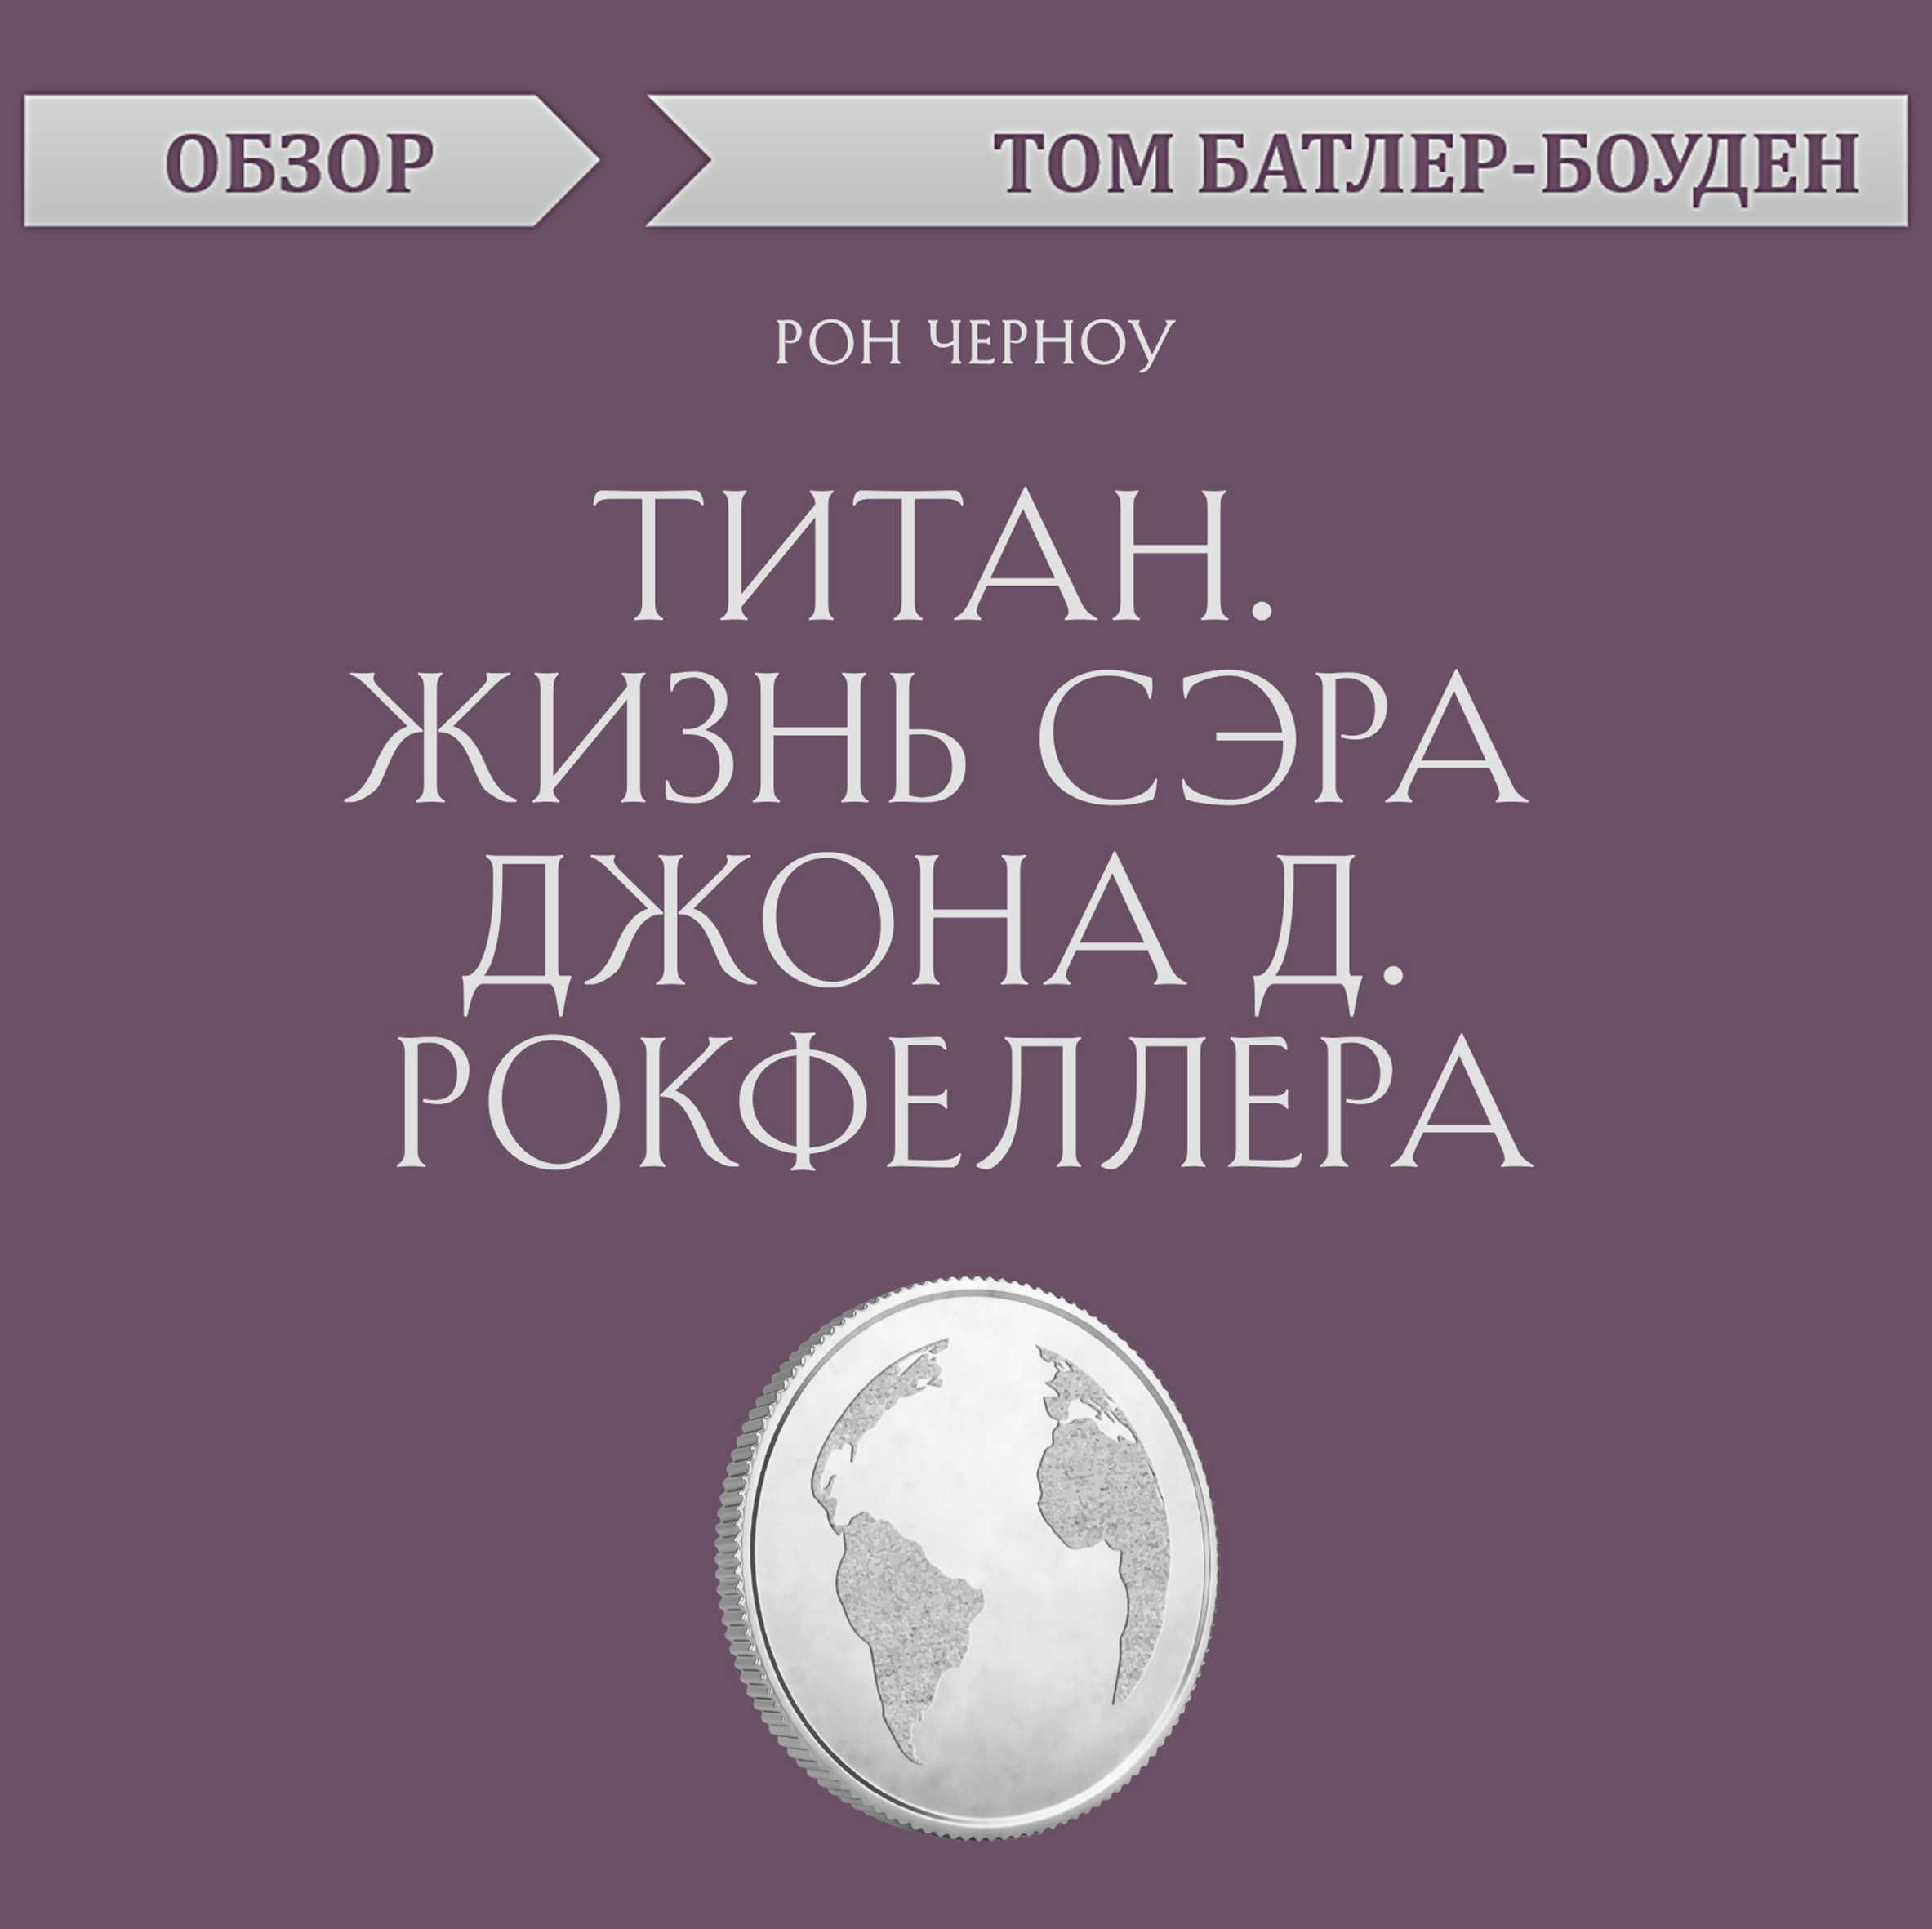 Титан. Жизнь сэра Джона Д. Рокфеллера. Рон Черноу (обзор)